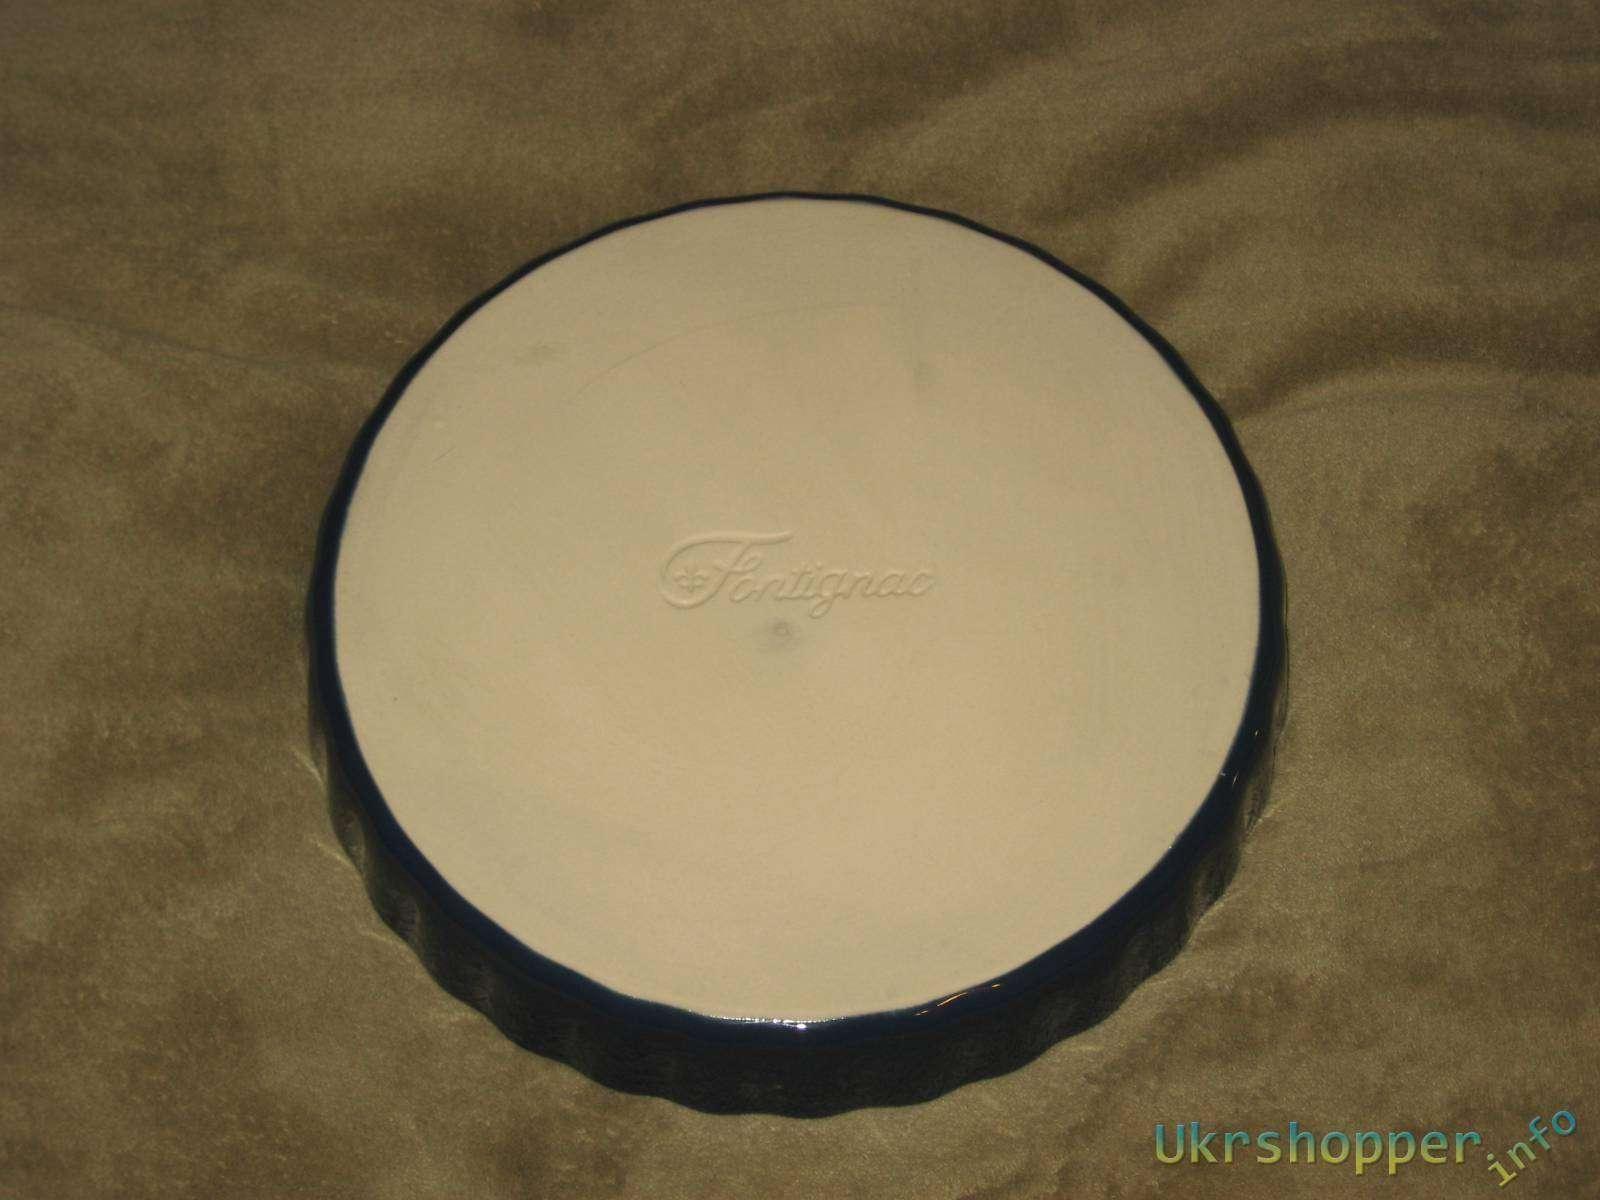 Сильпо: Круглая керамическая форма для тортов, ø 28 см Fontignac